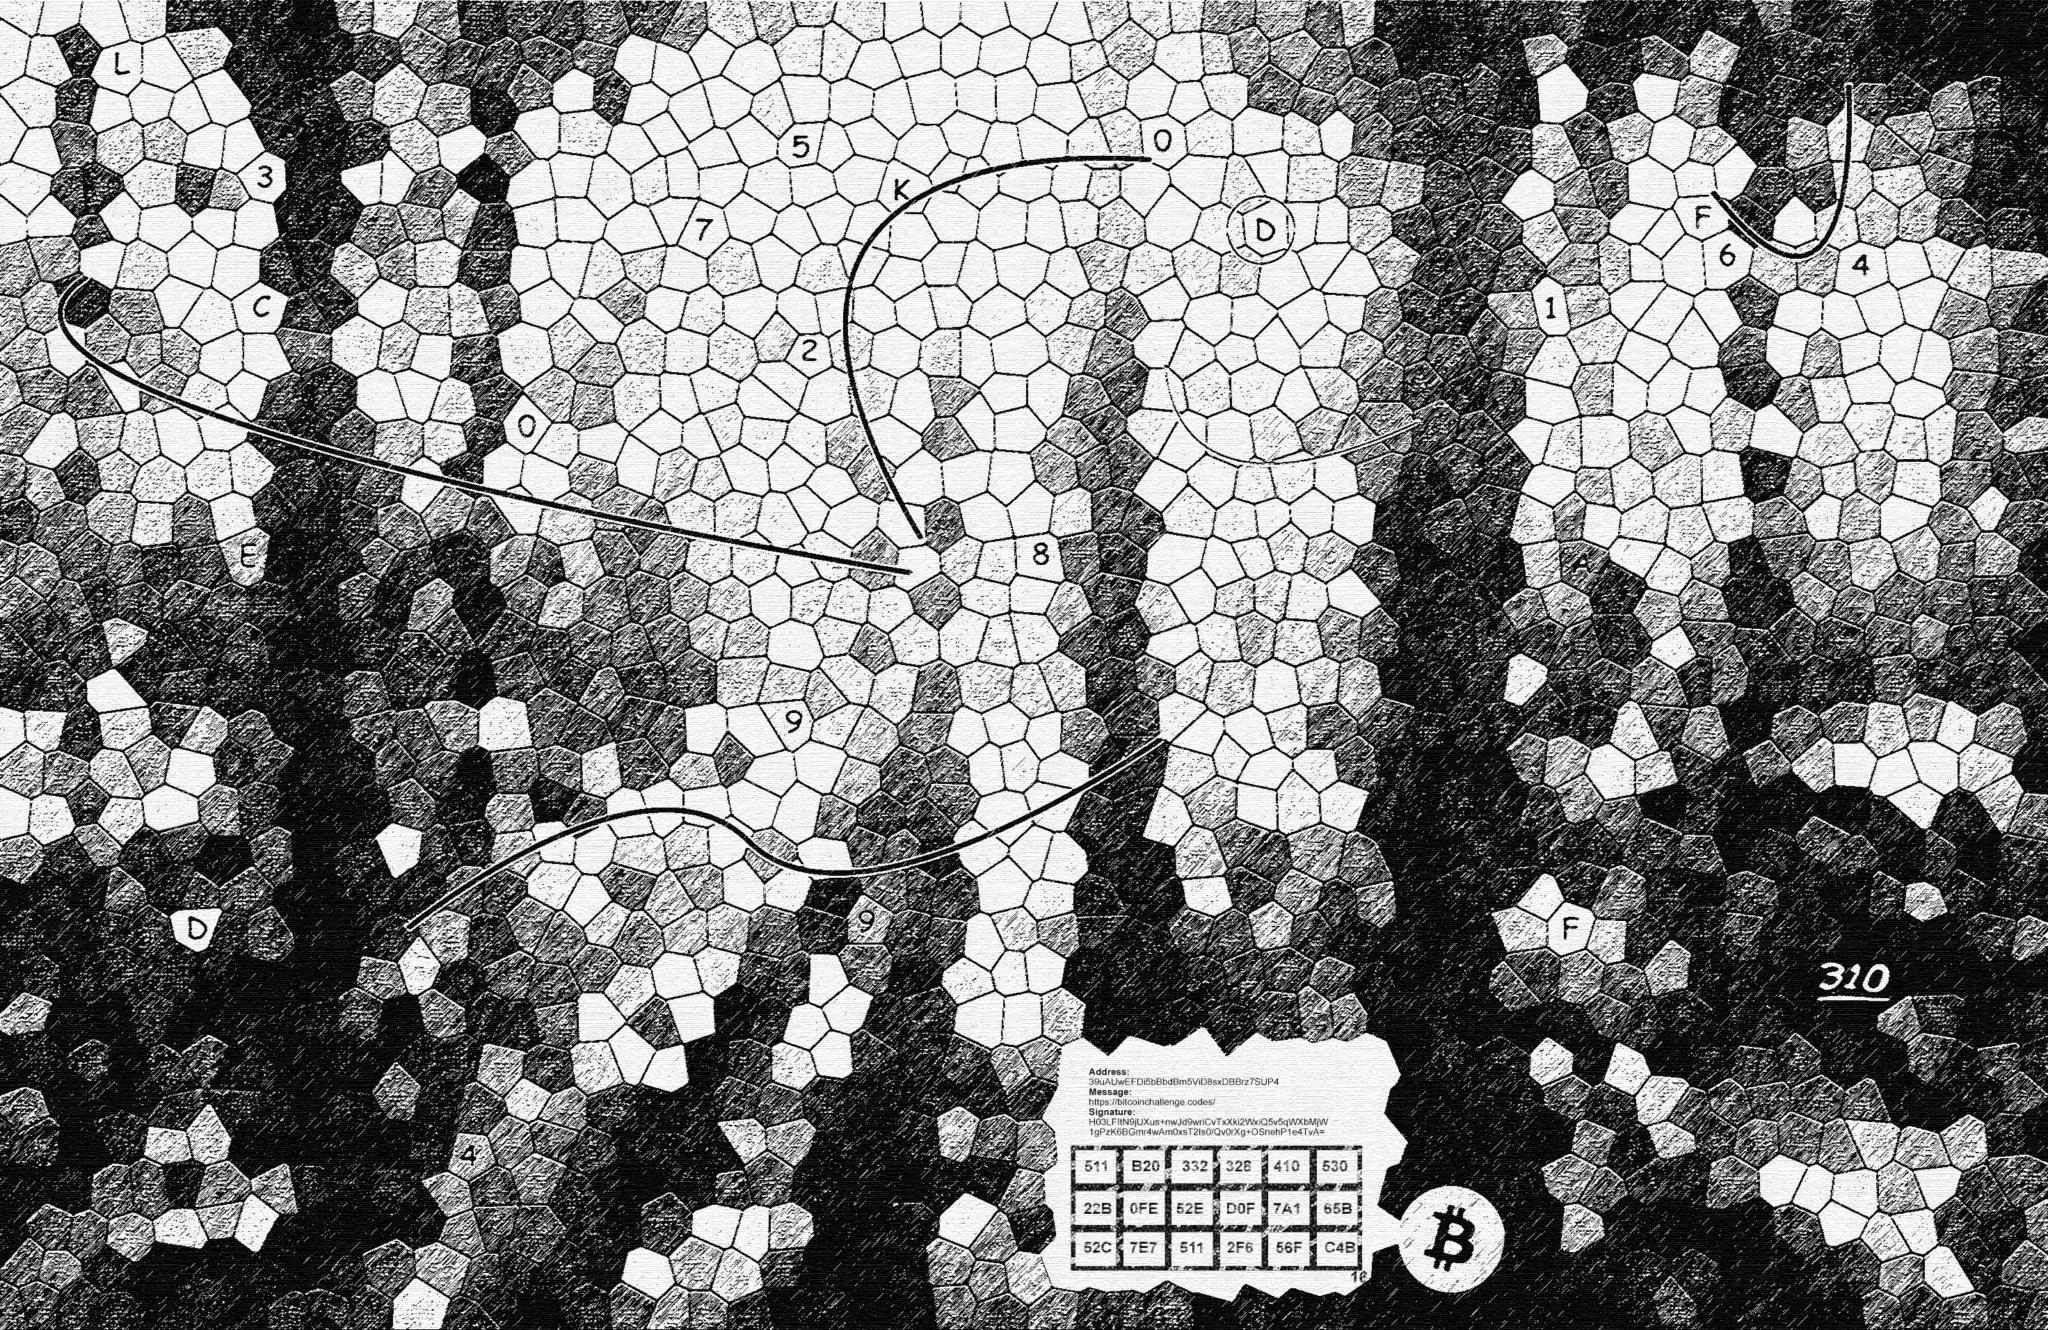 Bức ảnh chứa câu đố trị giá 310 Bitcoin